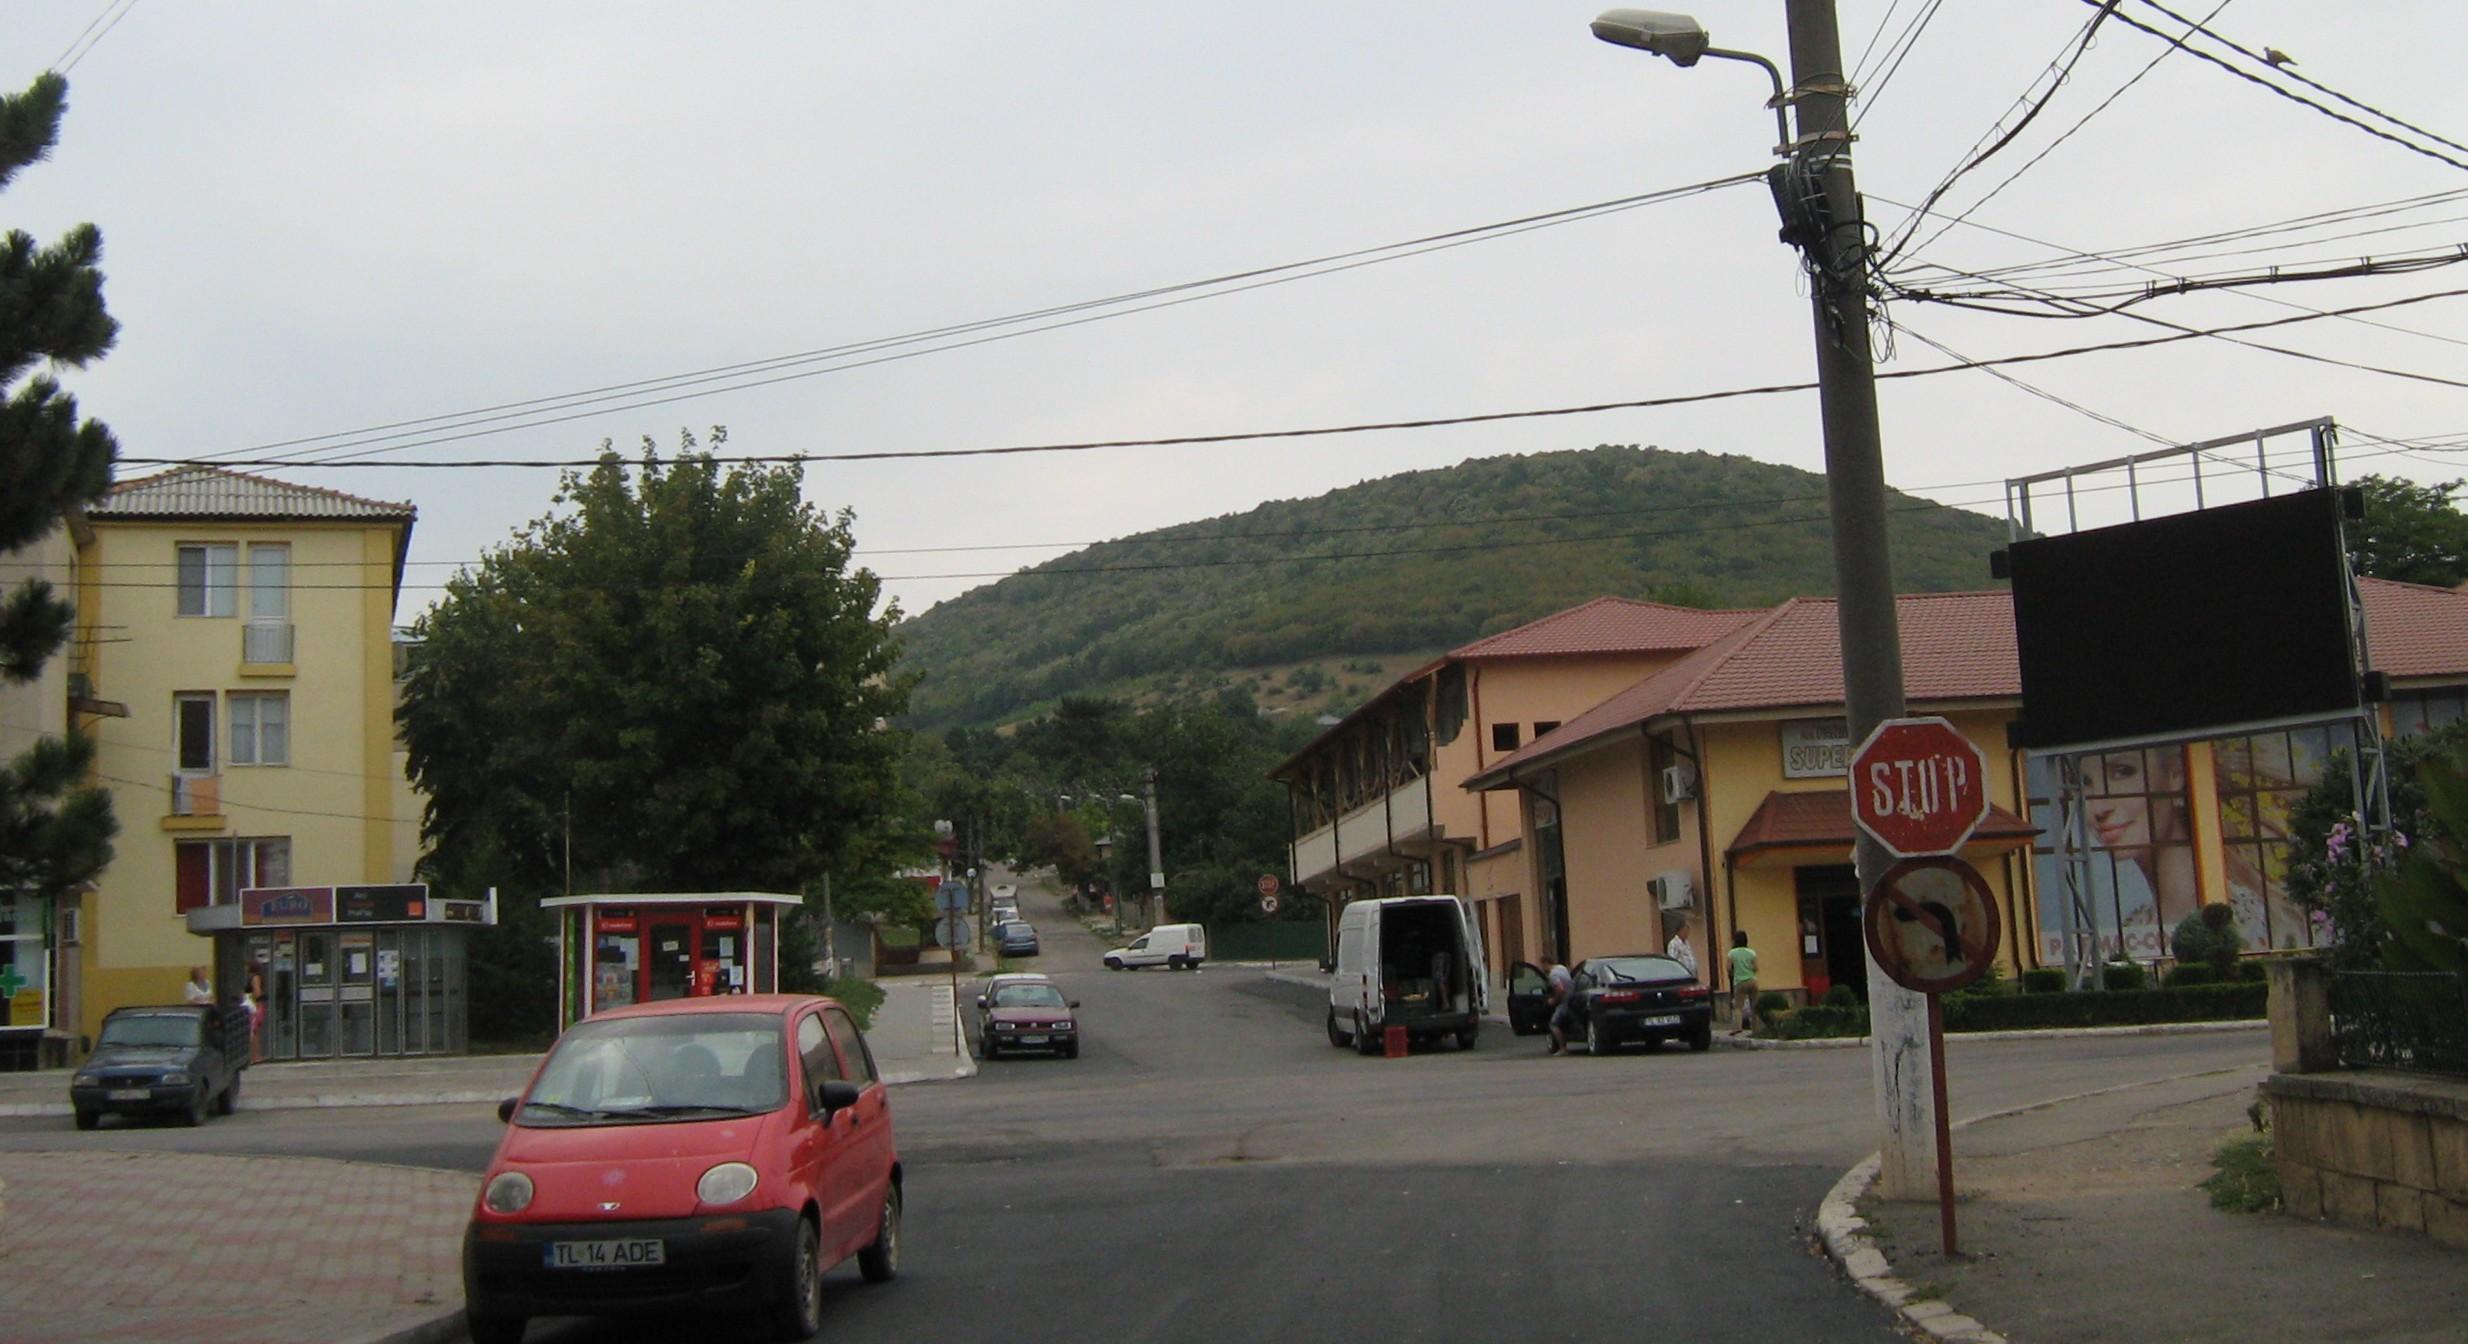 File:Babadag vedere de ansamblu.jpg - Wikimedia Commons